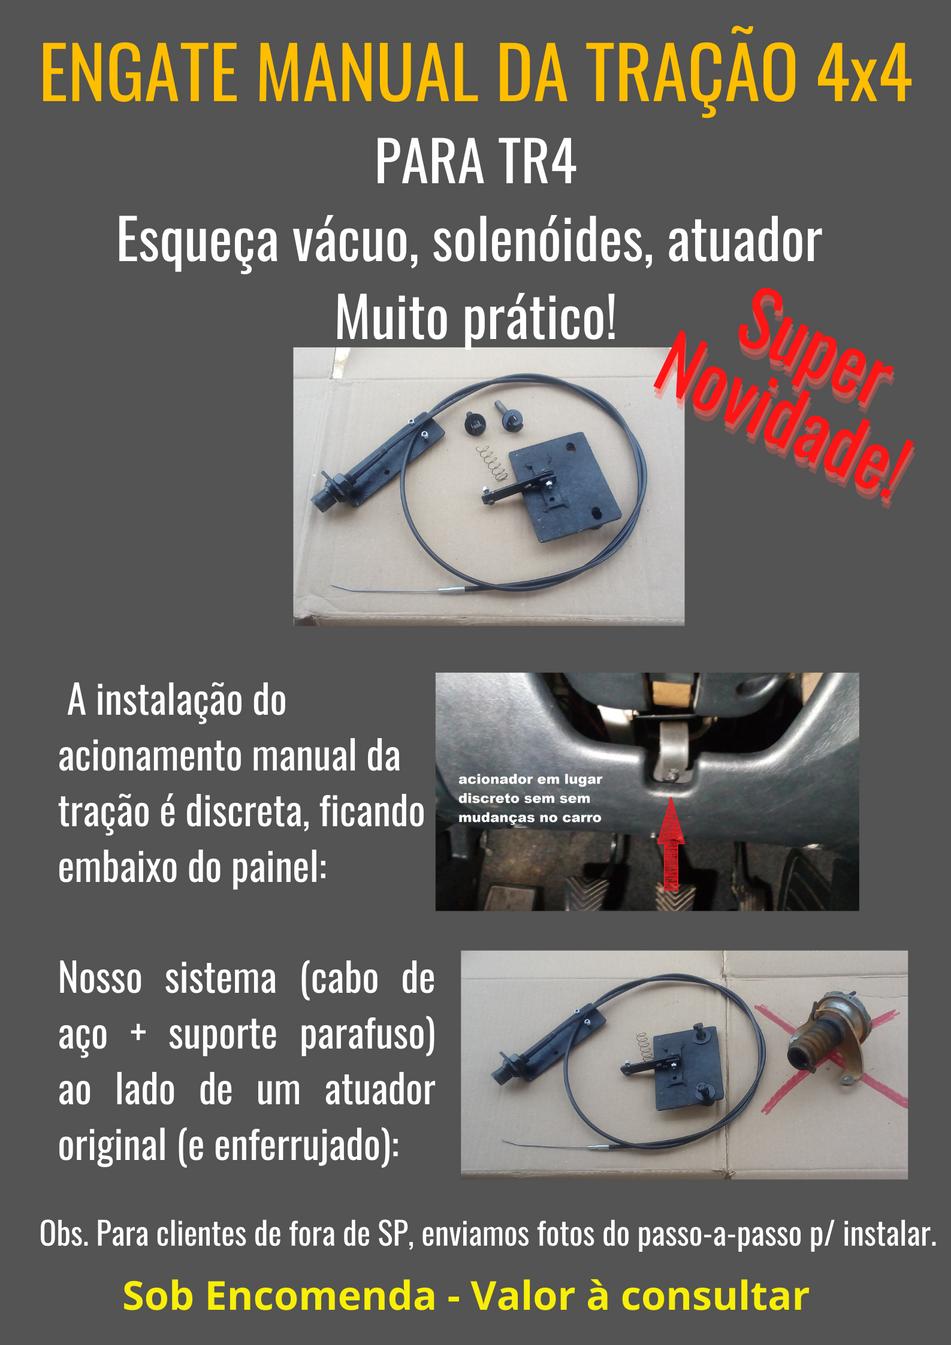 Instalação do Engate Manual da Tração 4x4 para Pajero TR4